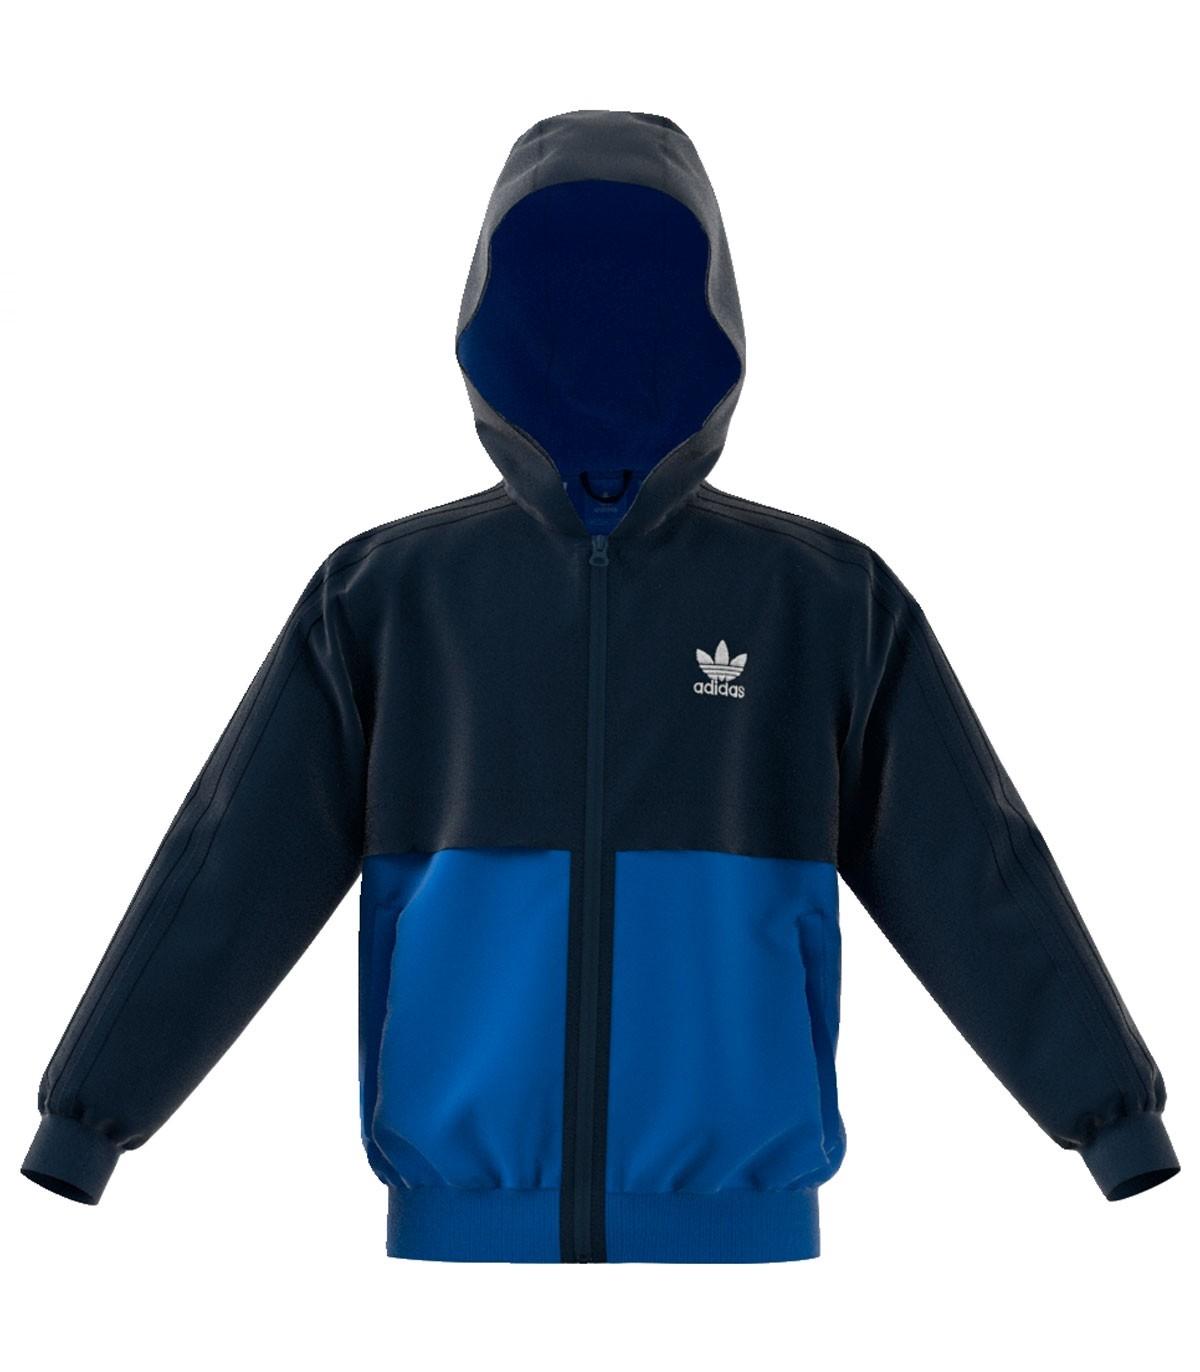 8a7b21213 Adidas Abrigo Caballero Azul